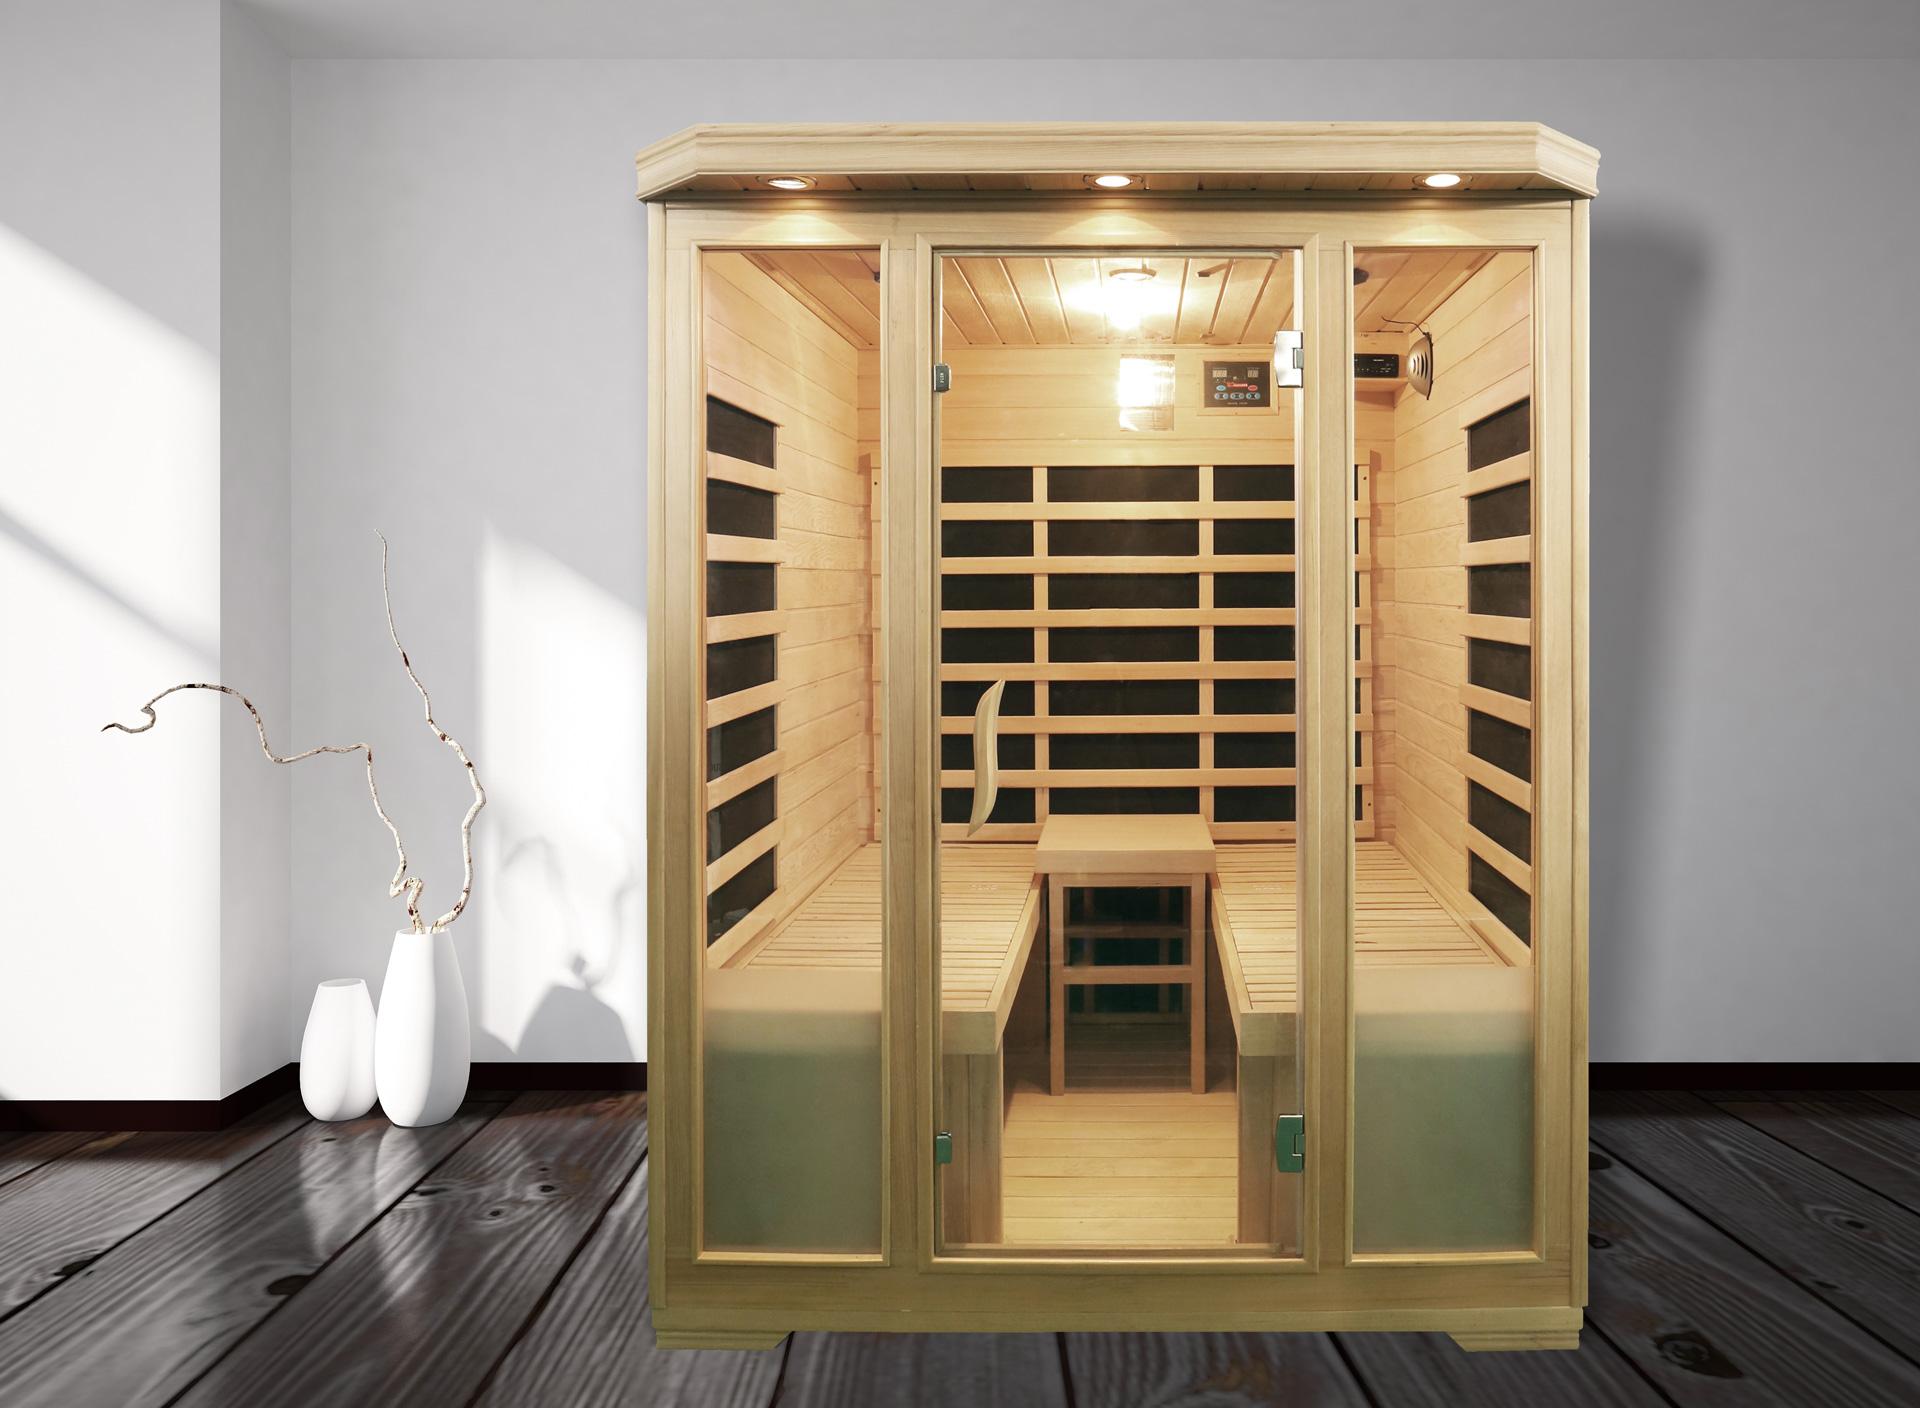 austria spa infrarotkabine w rmekabine w rmekabinen und saunen von h chster qualit t. Black Bedroom Furniture Sets. Home Design Ideas